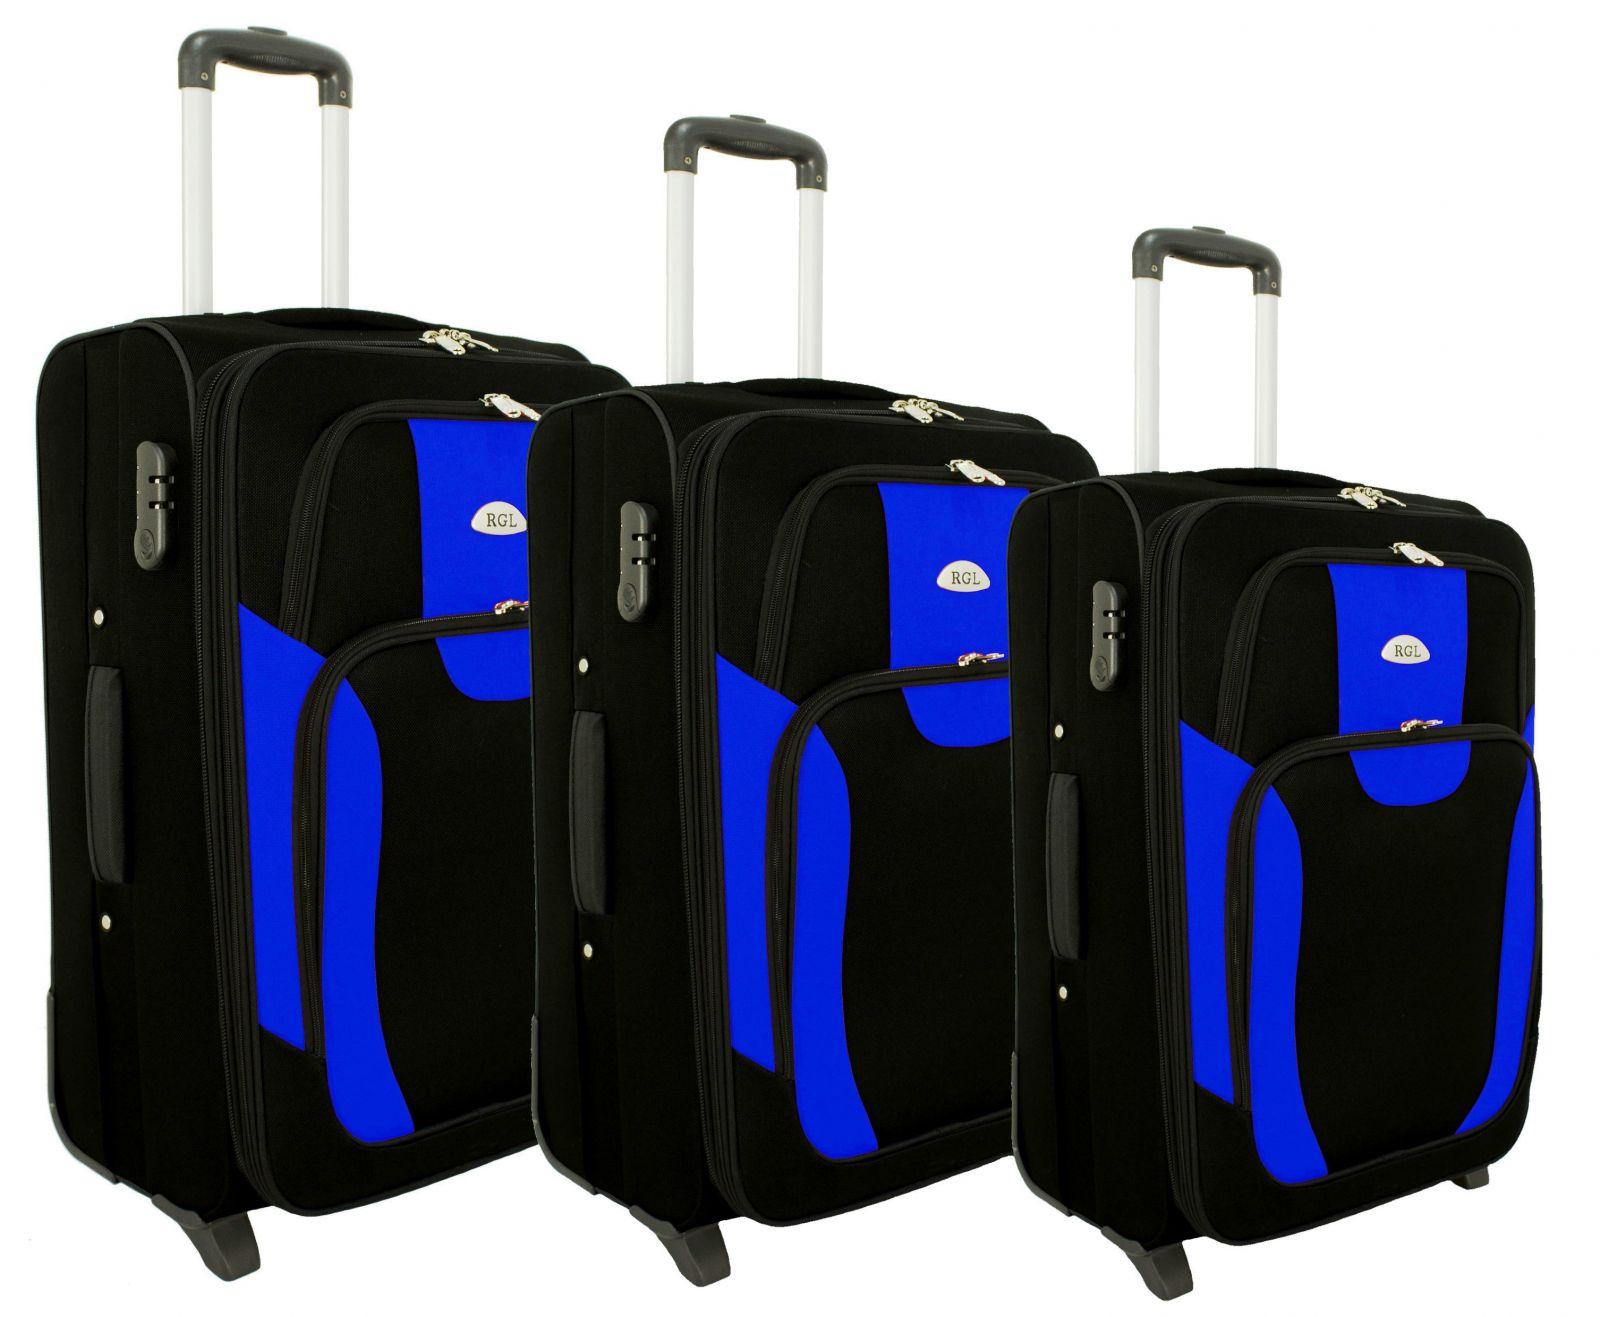 Sada 3 textilních kufrů RGL 1003 BLACK-GREY L/M/S